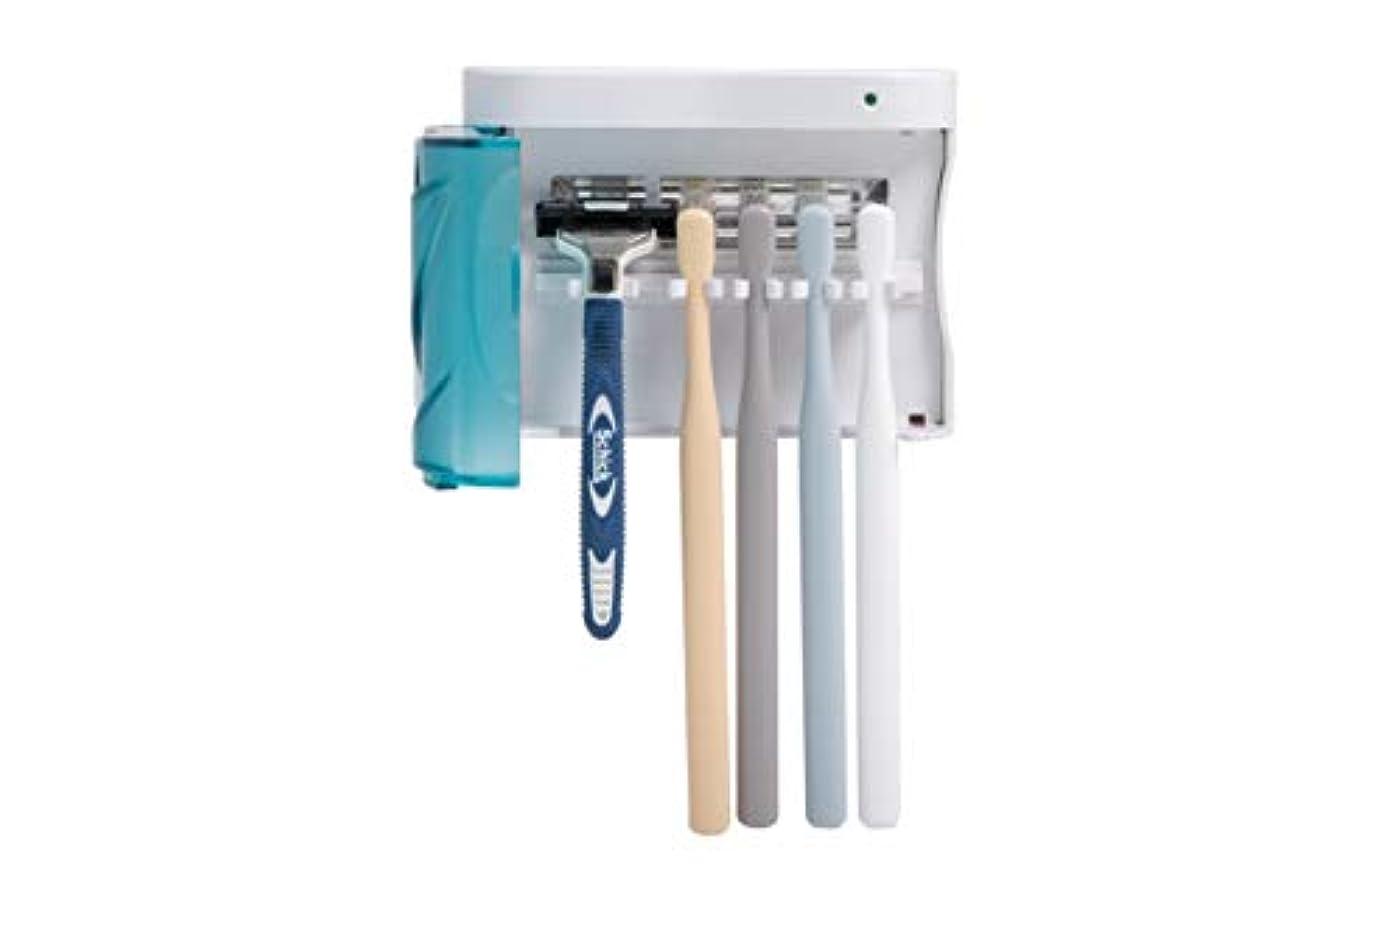 兵器庫さらにうめき声HITOP UV歯ブラシ除菌器、壁掛け式家庭用UV歯ブラシ除菌機、効果的な紫外線消毒、歯ブラシ収納ホルダー、電動ブラシにも適用、家族全員用 (家族全員用)